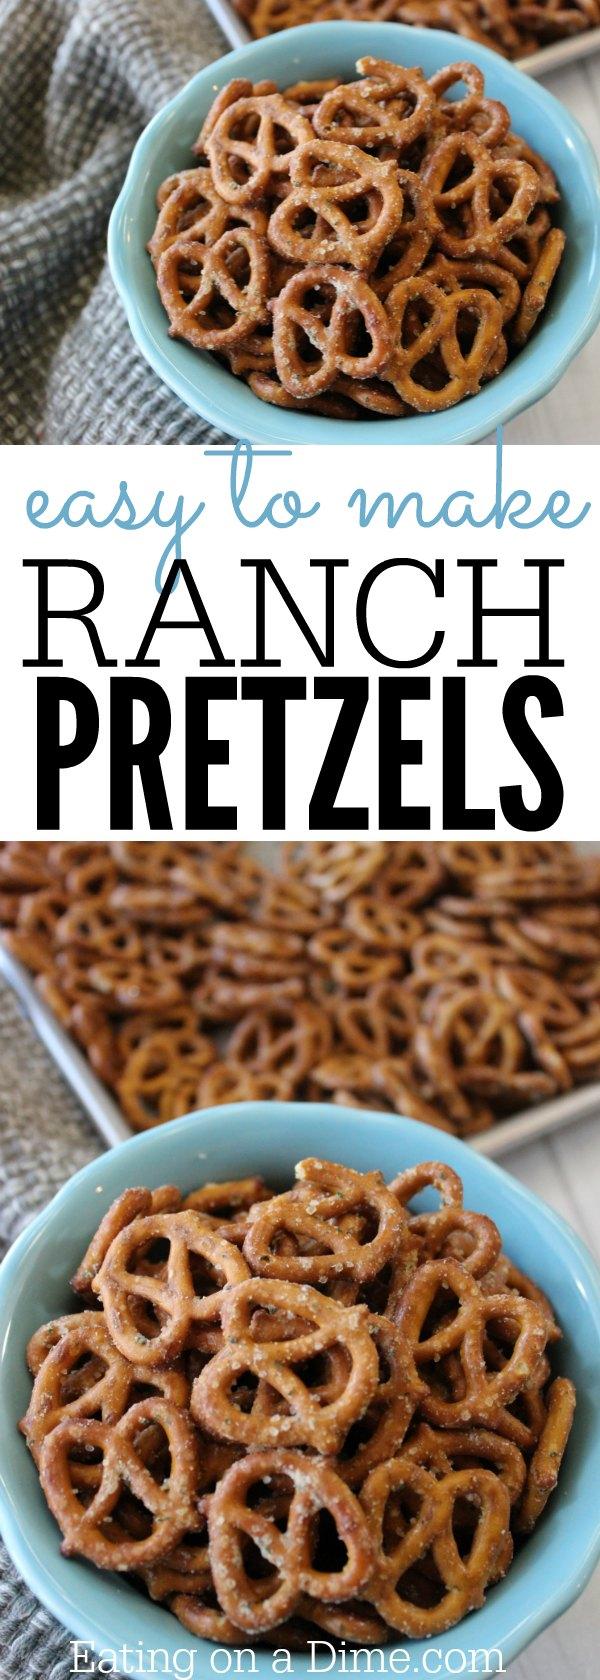 Pretzel recipes easy